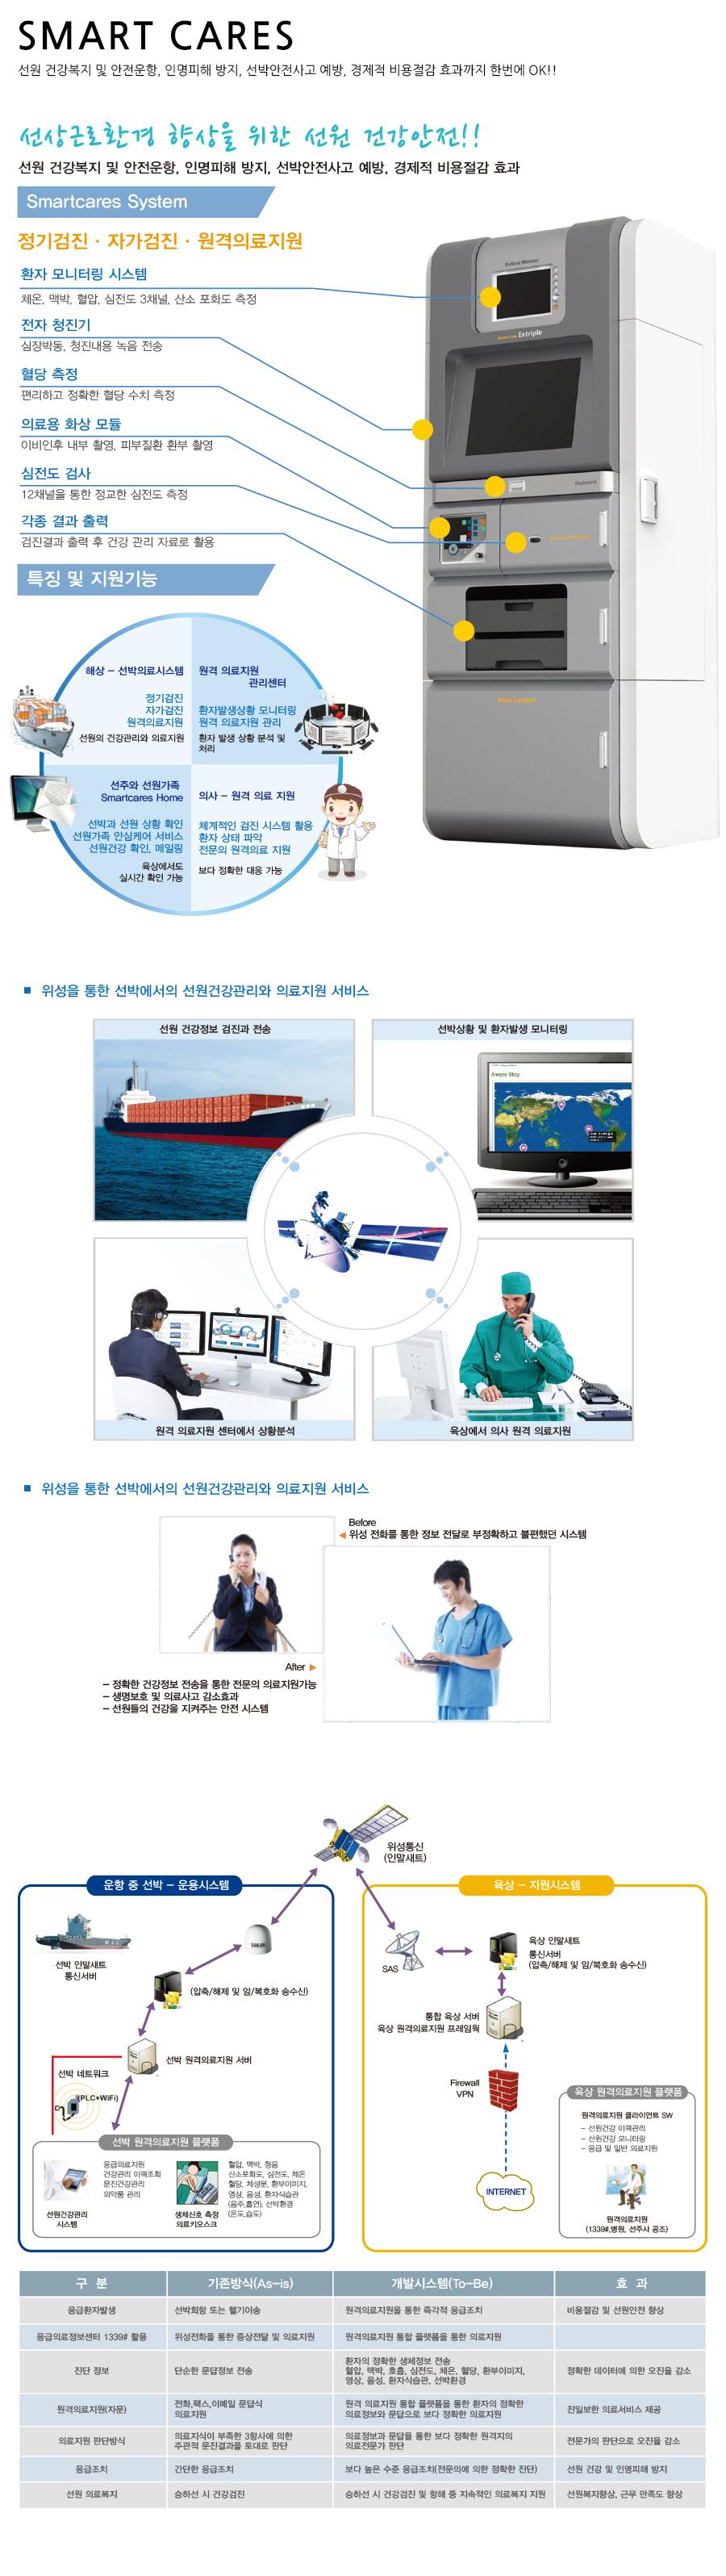 smartcares.jpg